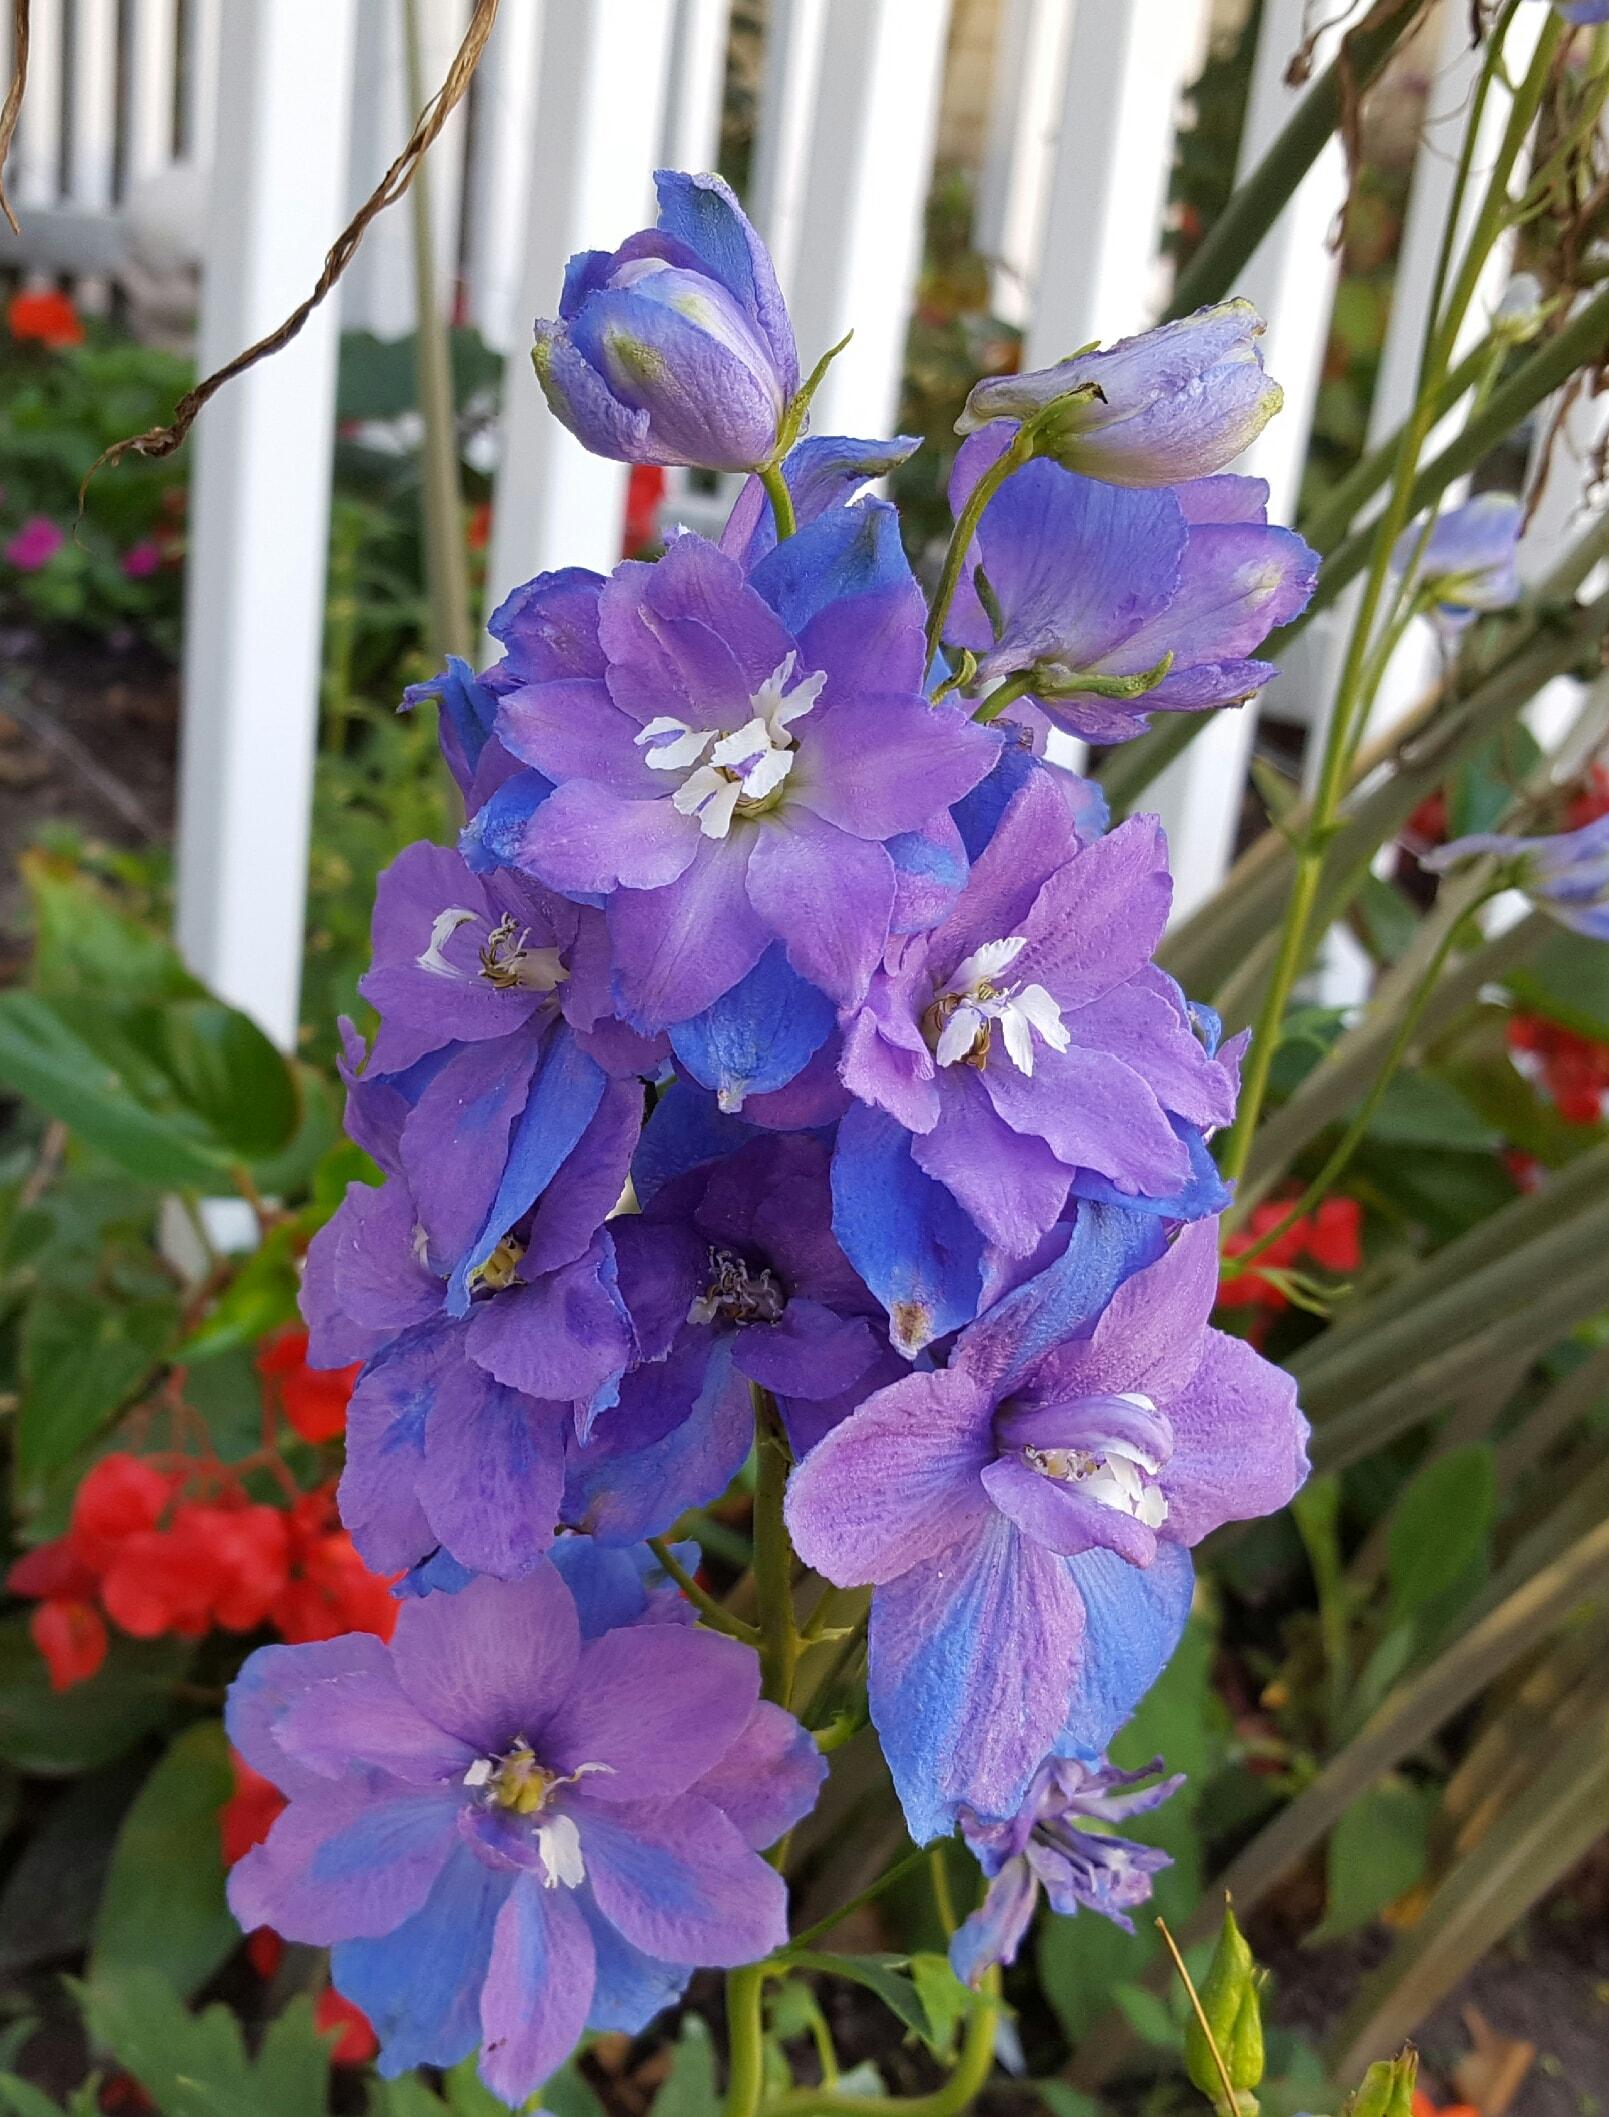 Purple/blue delphinium